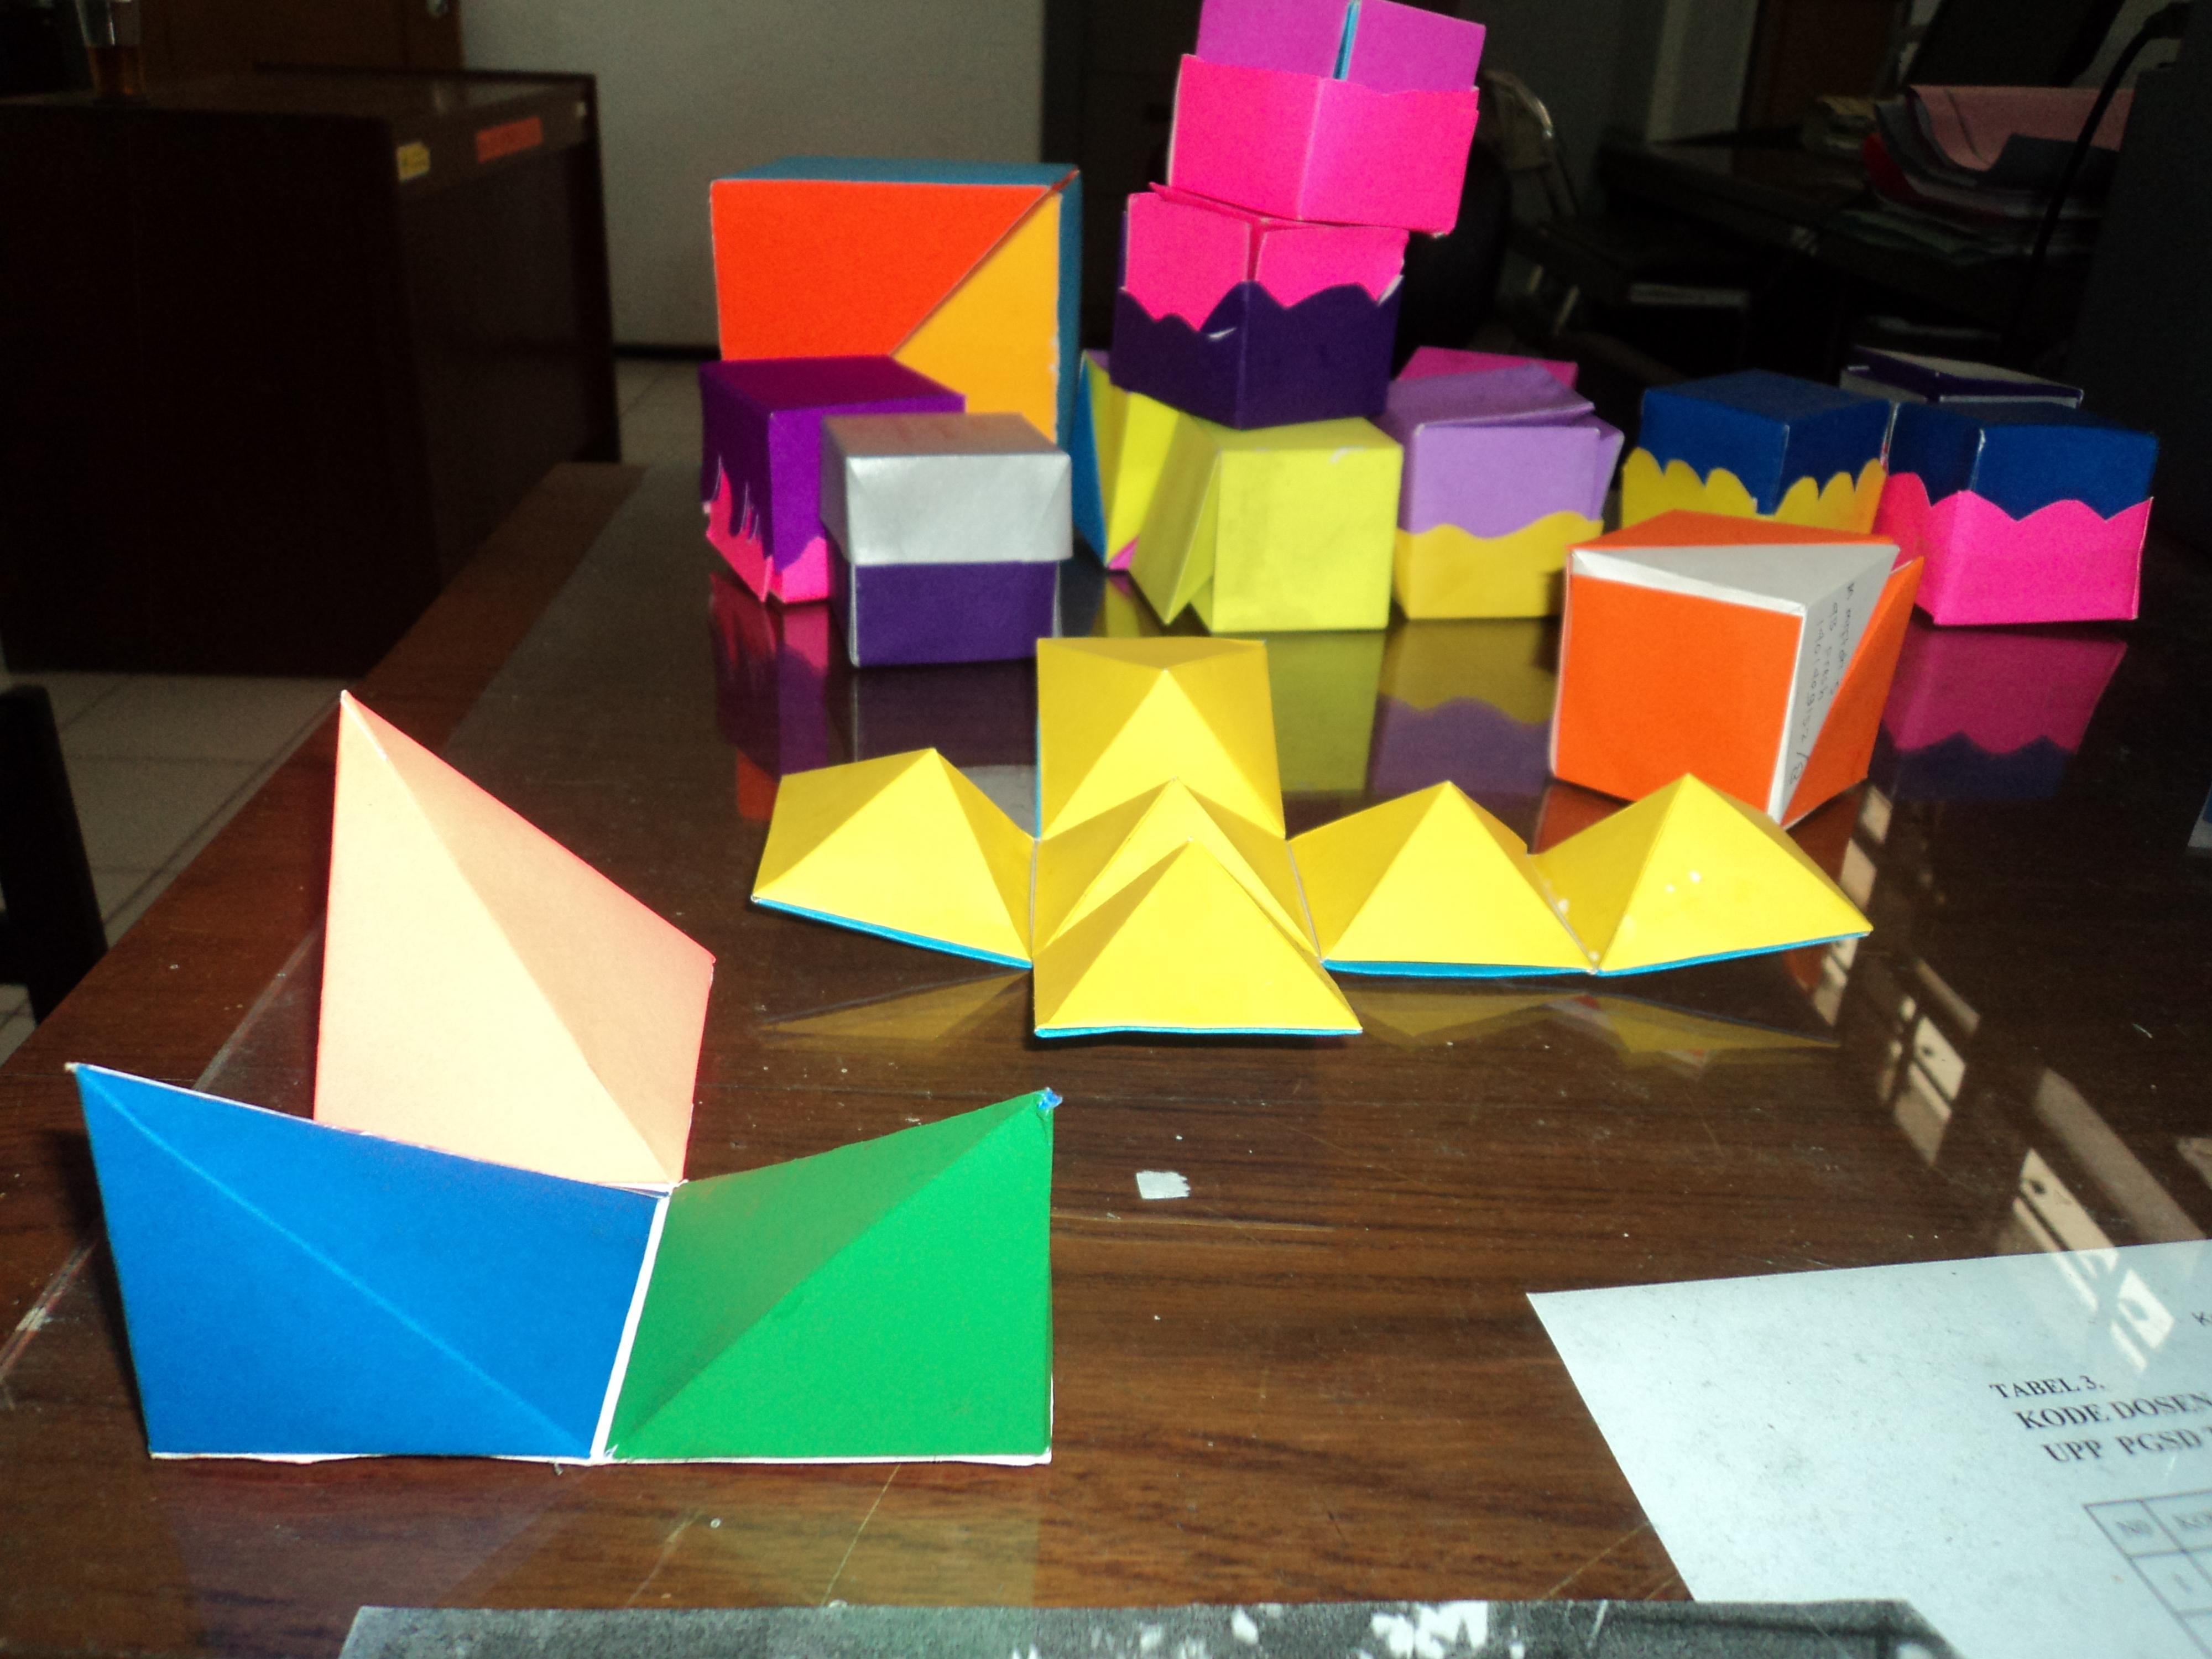 Alat Peraga Dalam Pembelajaran Matematika Sd Pemanfaatan Alat Peraga Matematika Dalam